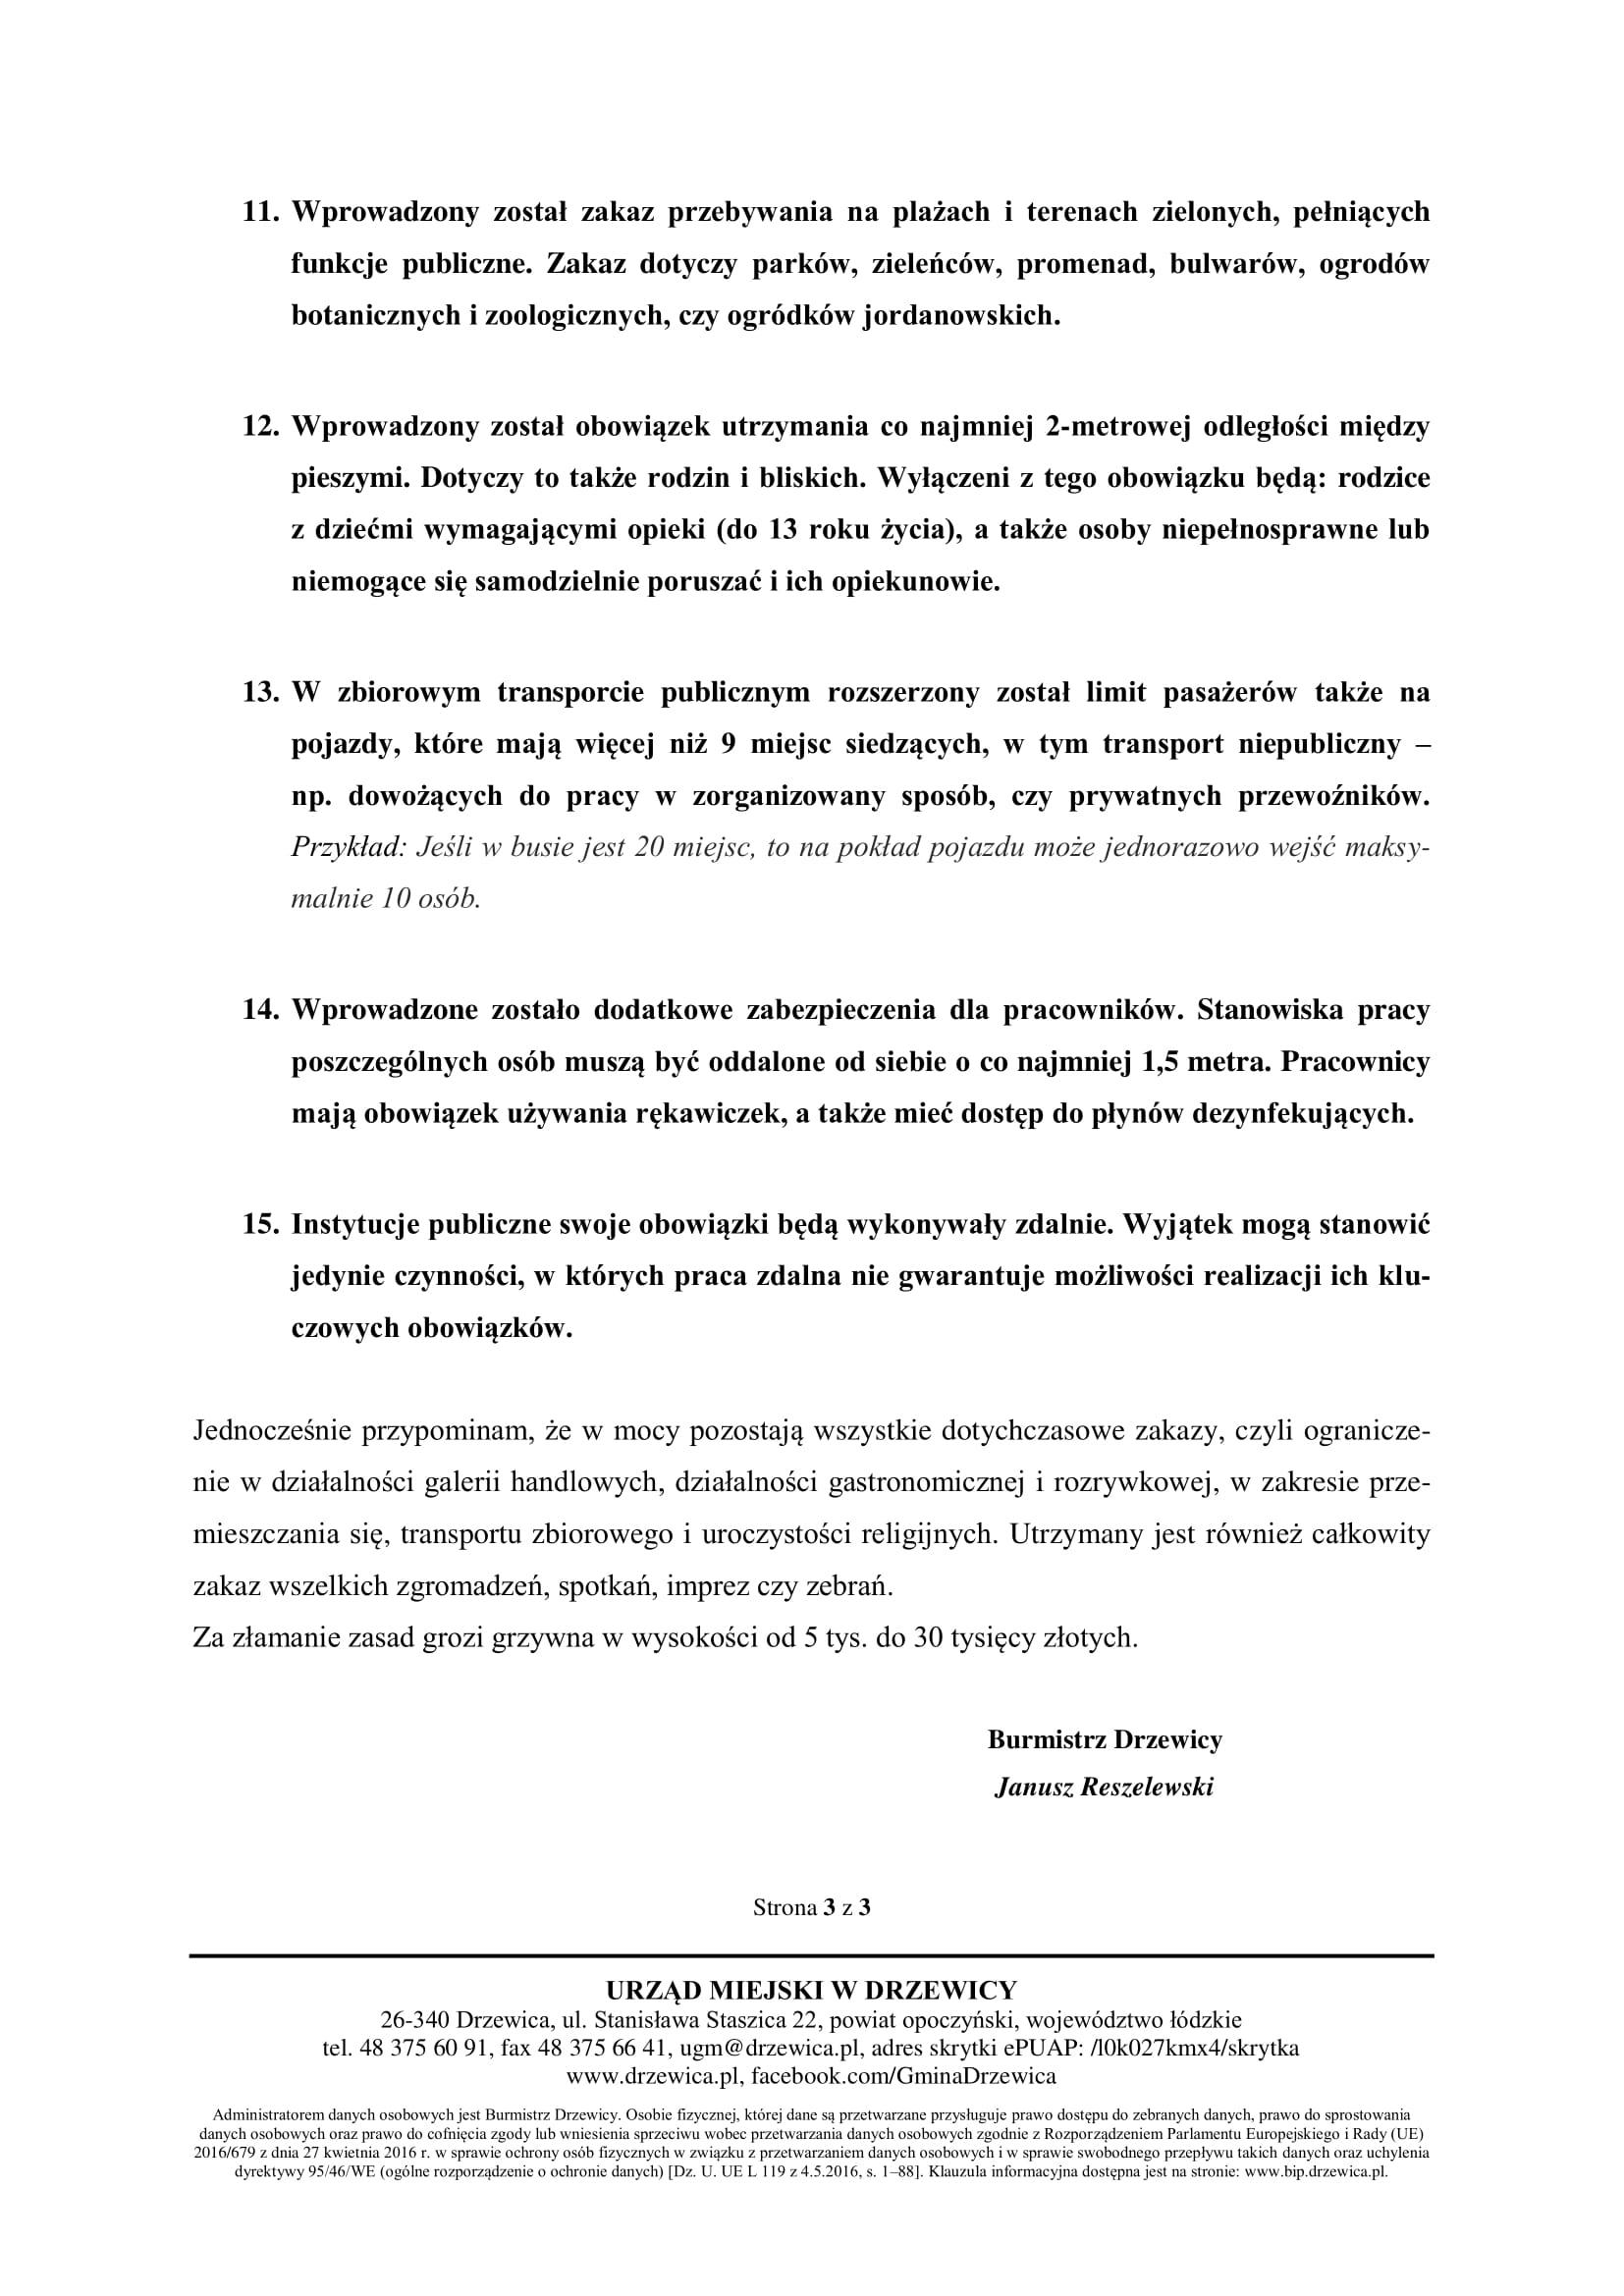 Komunikat Burmistrza Drzewicy - Ograniczenia